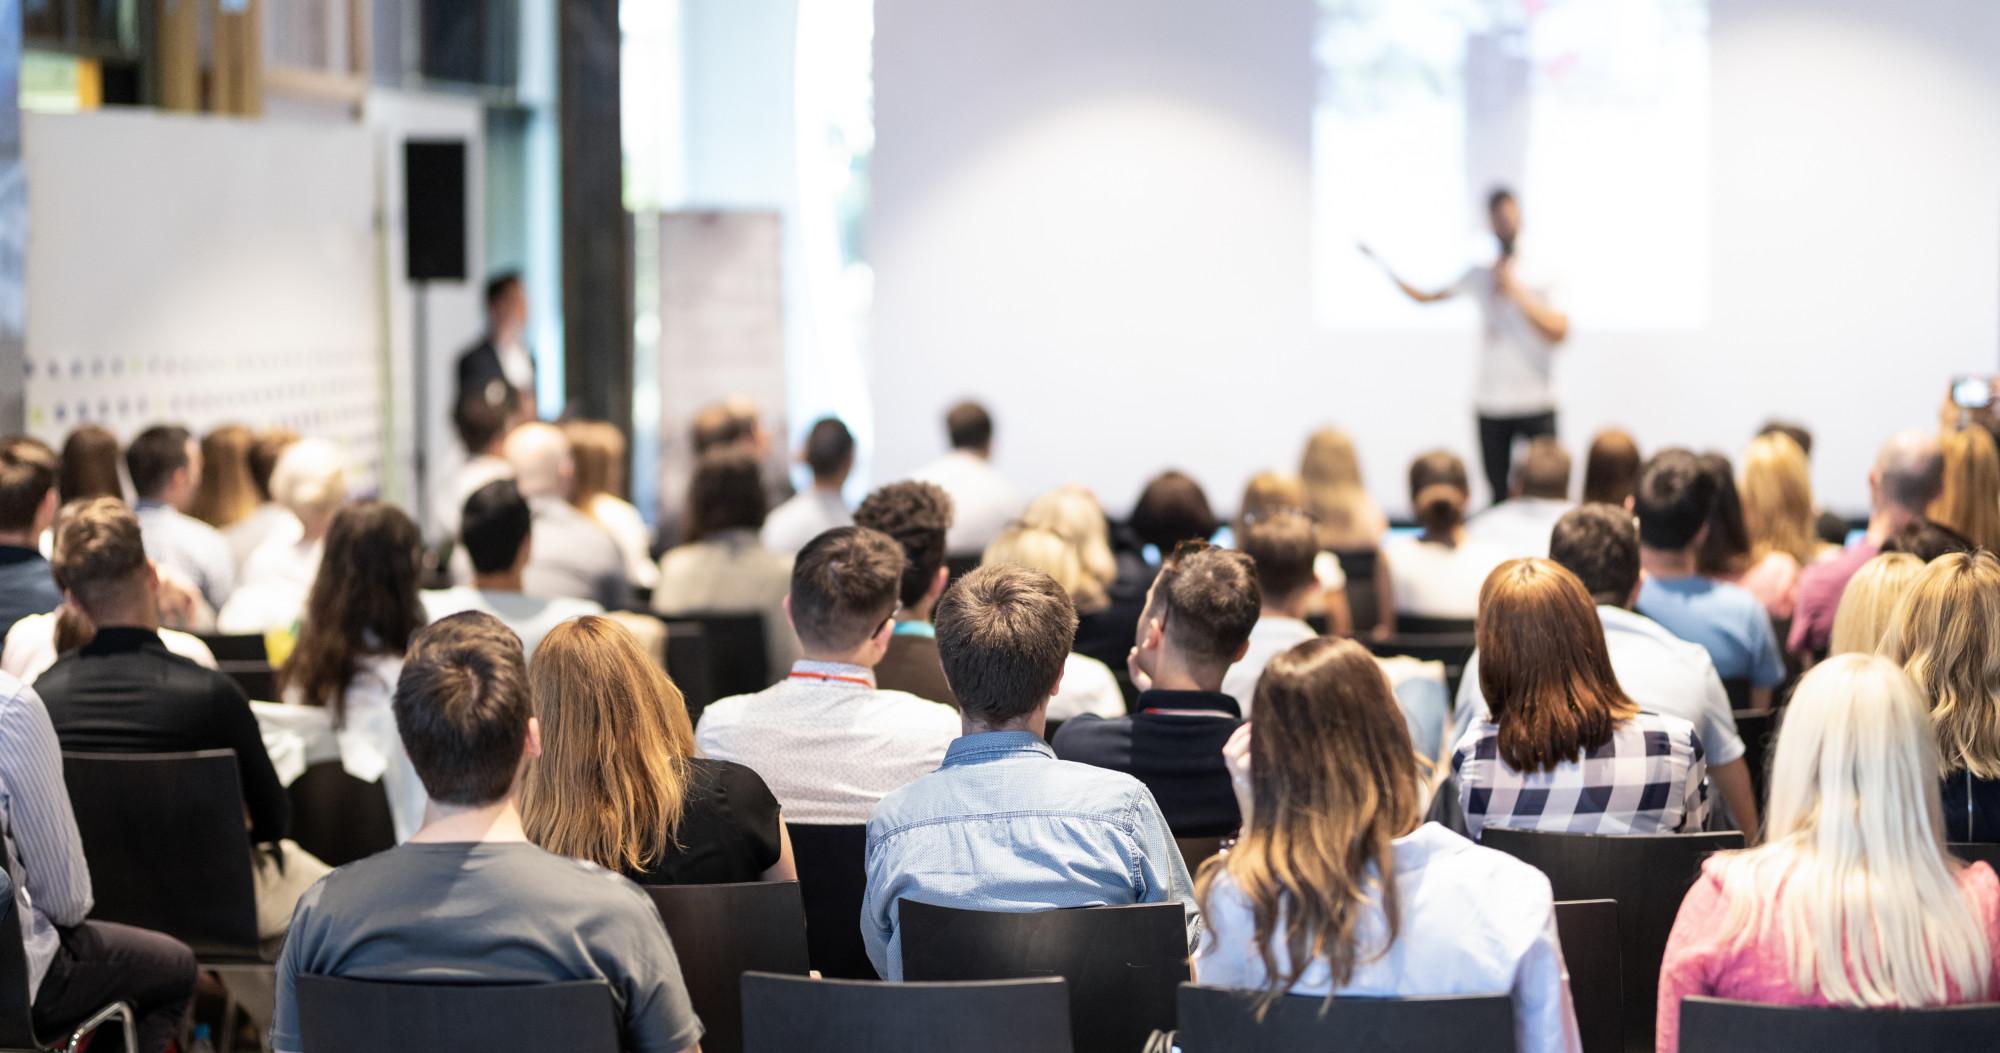 keynote speaker at conference event